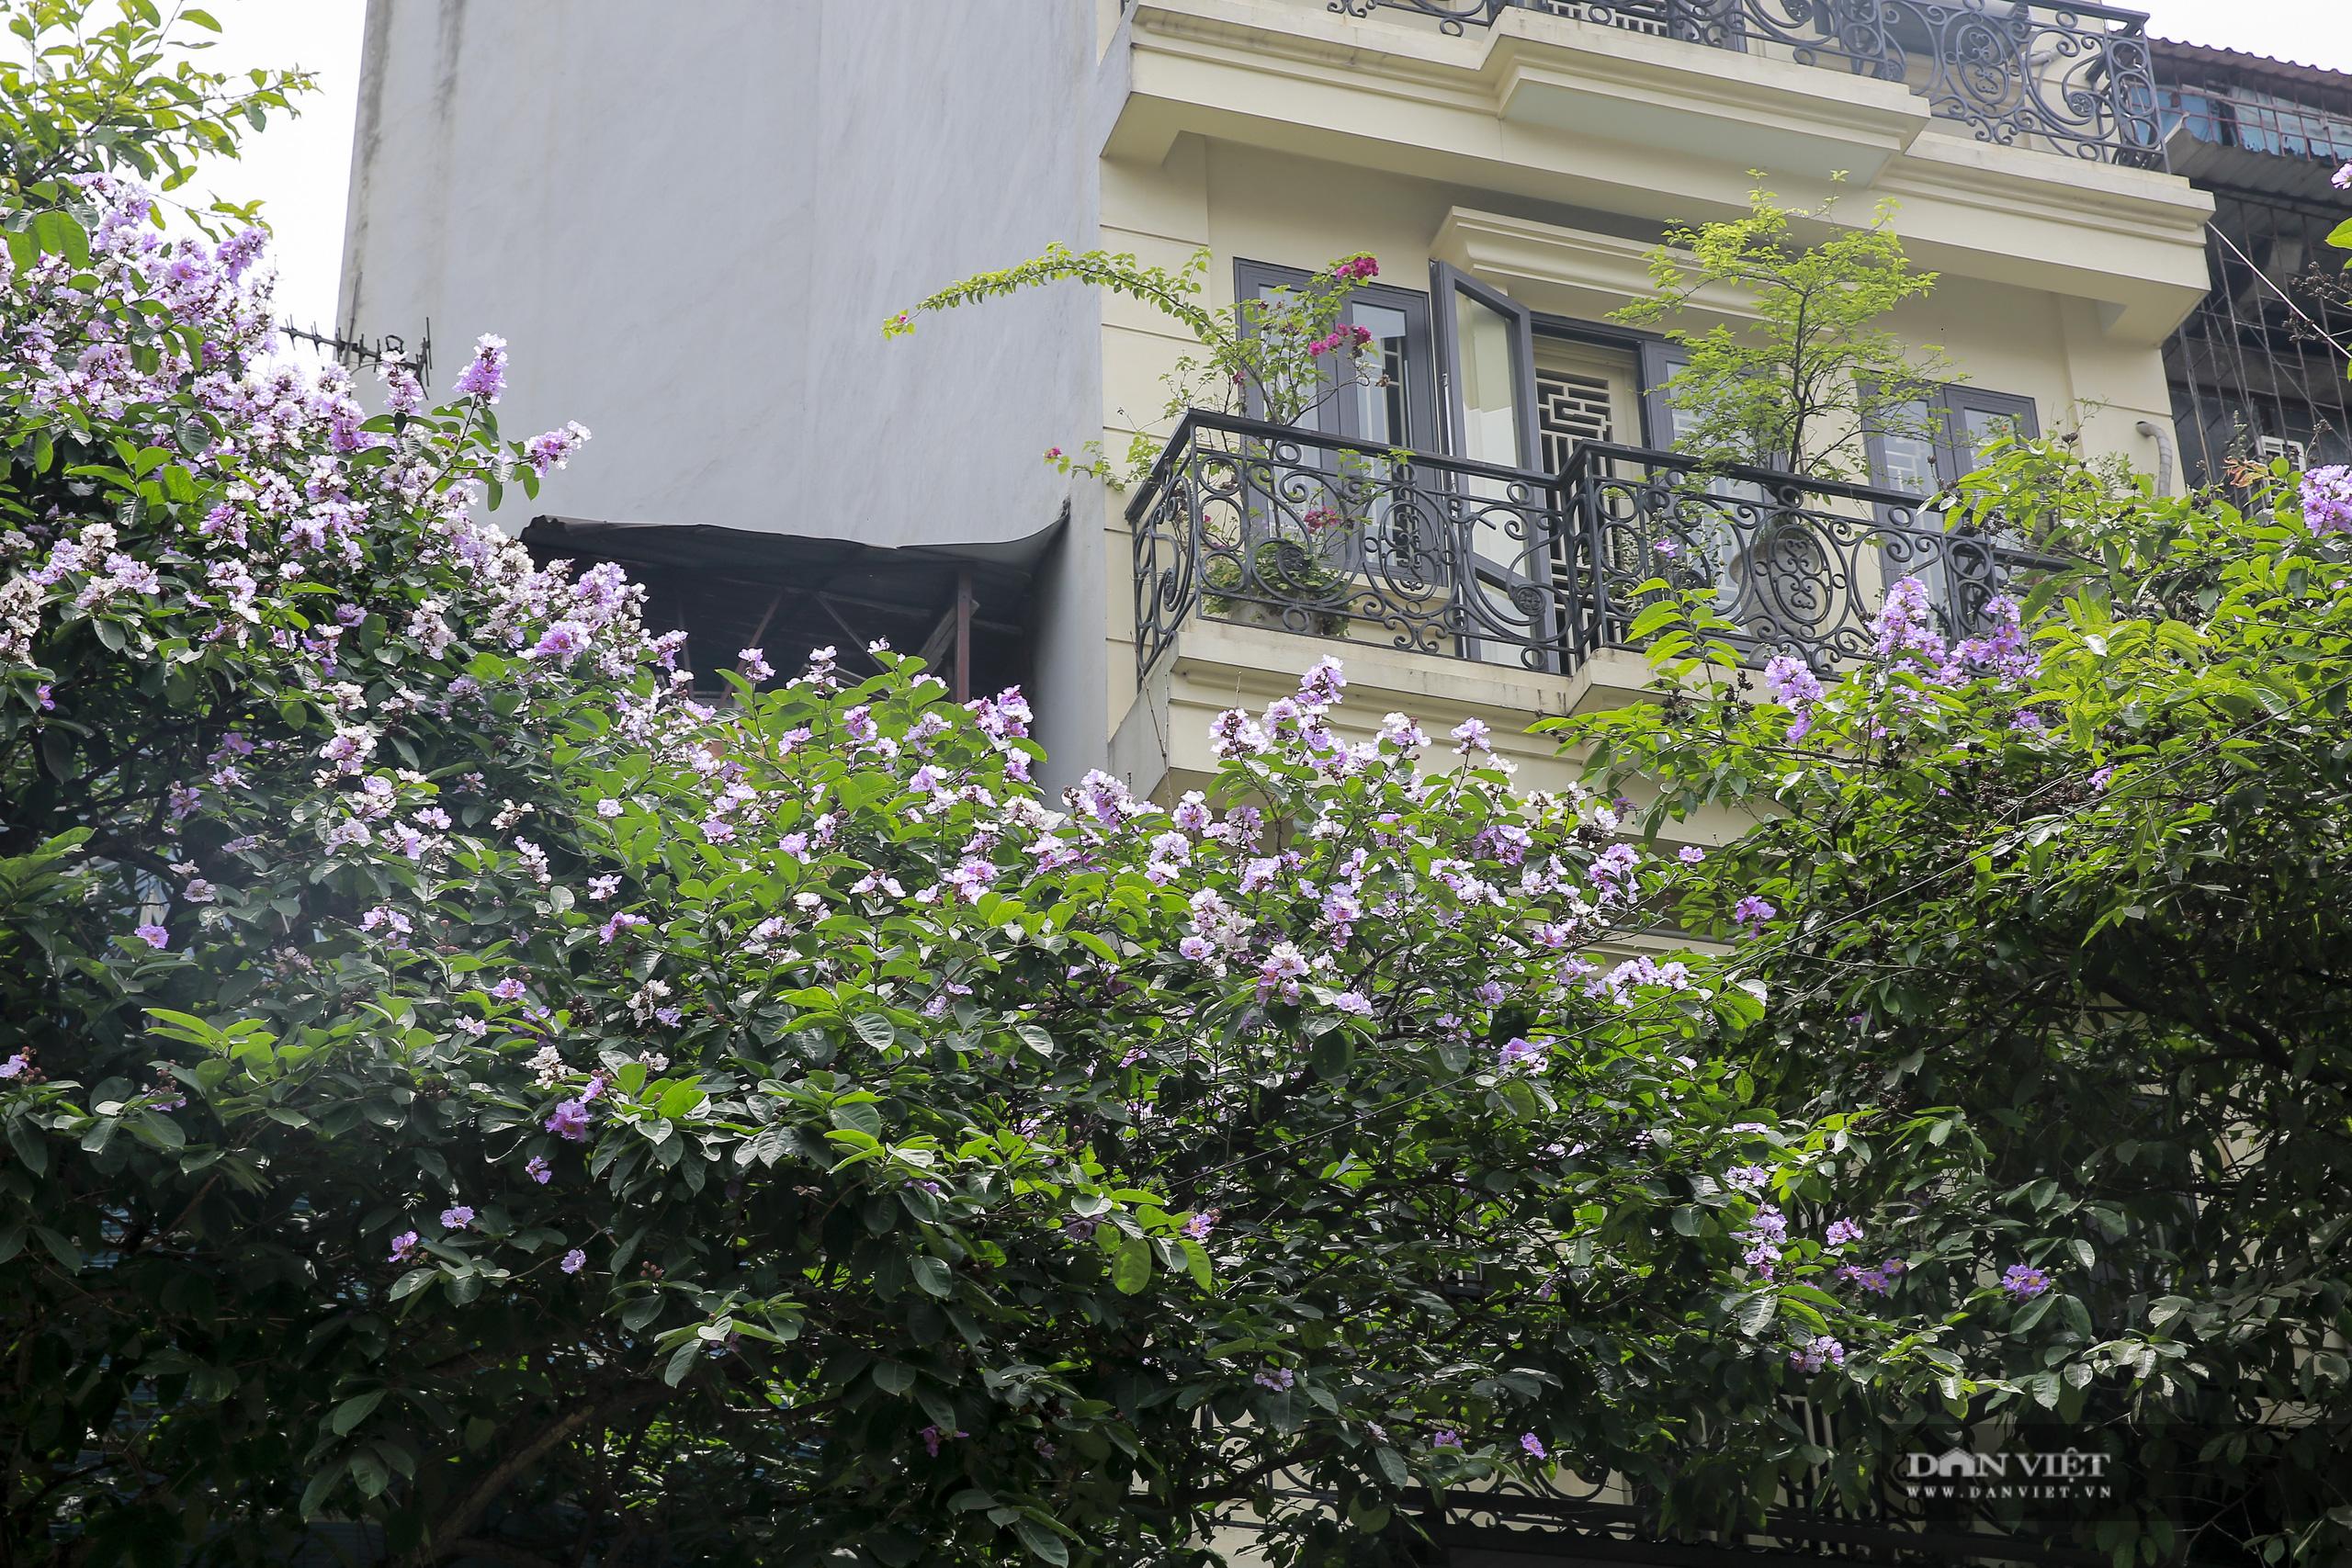 Hoa bằng lăng: loài hoa biểu tượng của sự thủy chung nở rộ khắp đường phố Hà Nội - Ảnh 8.